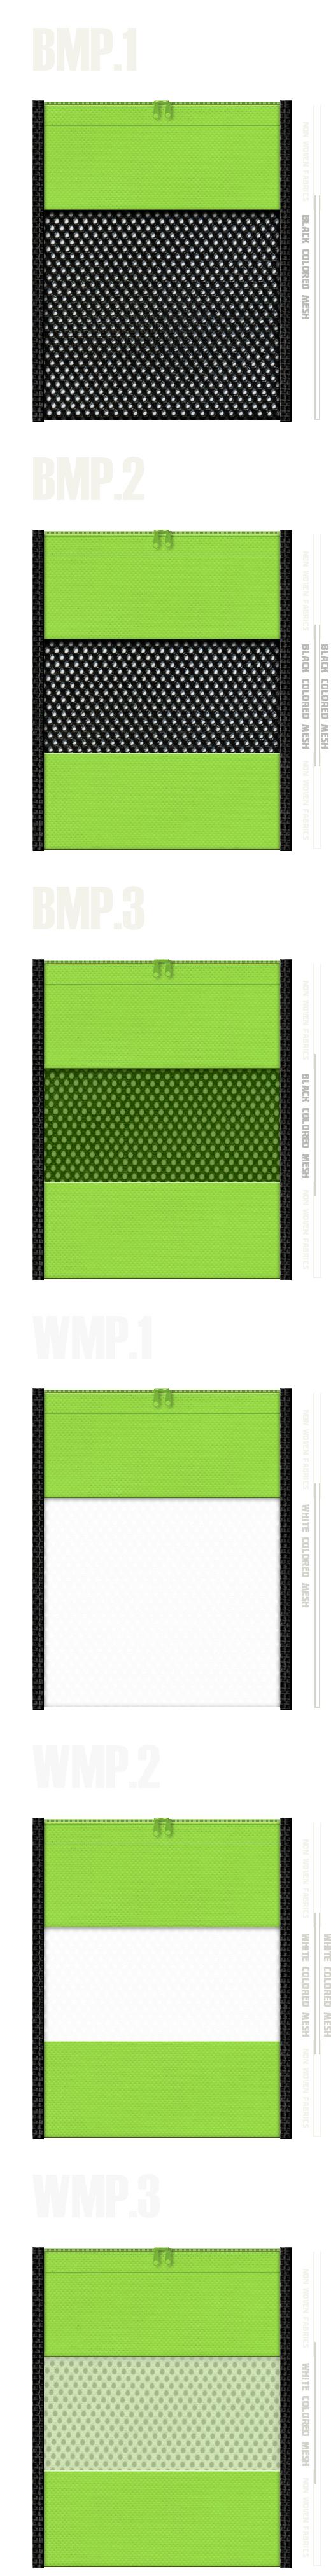 メッシュポーチのカラーシミュレーション:黒色・白色メッシュと黄緑色不織布の組み合わせ